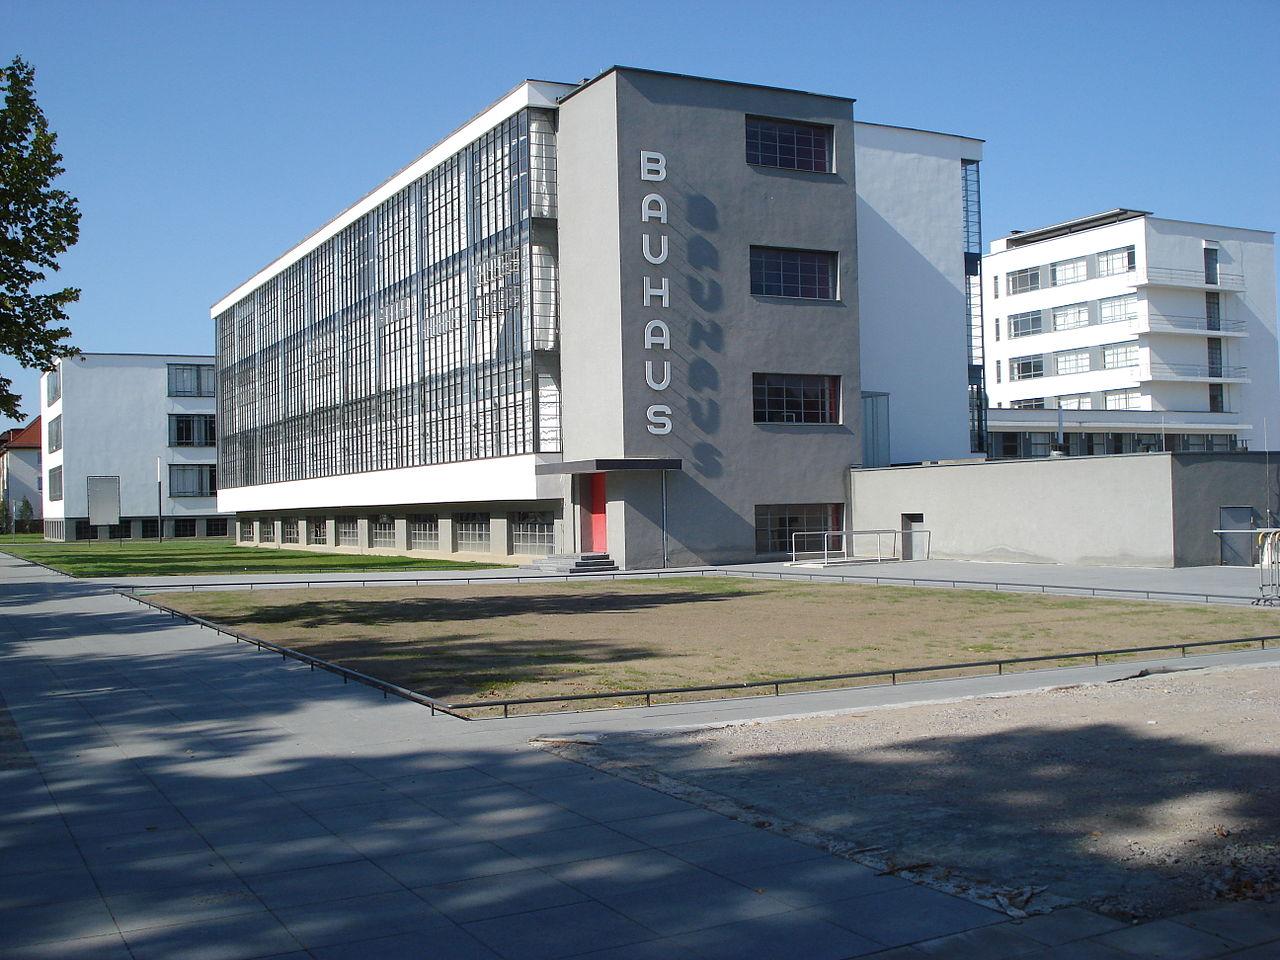 Bauhaus Oranienburg orte der bauhaus architektur